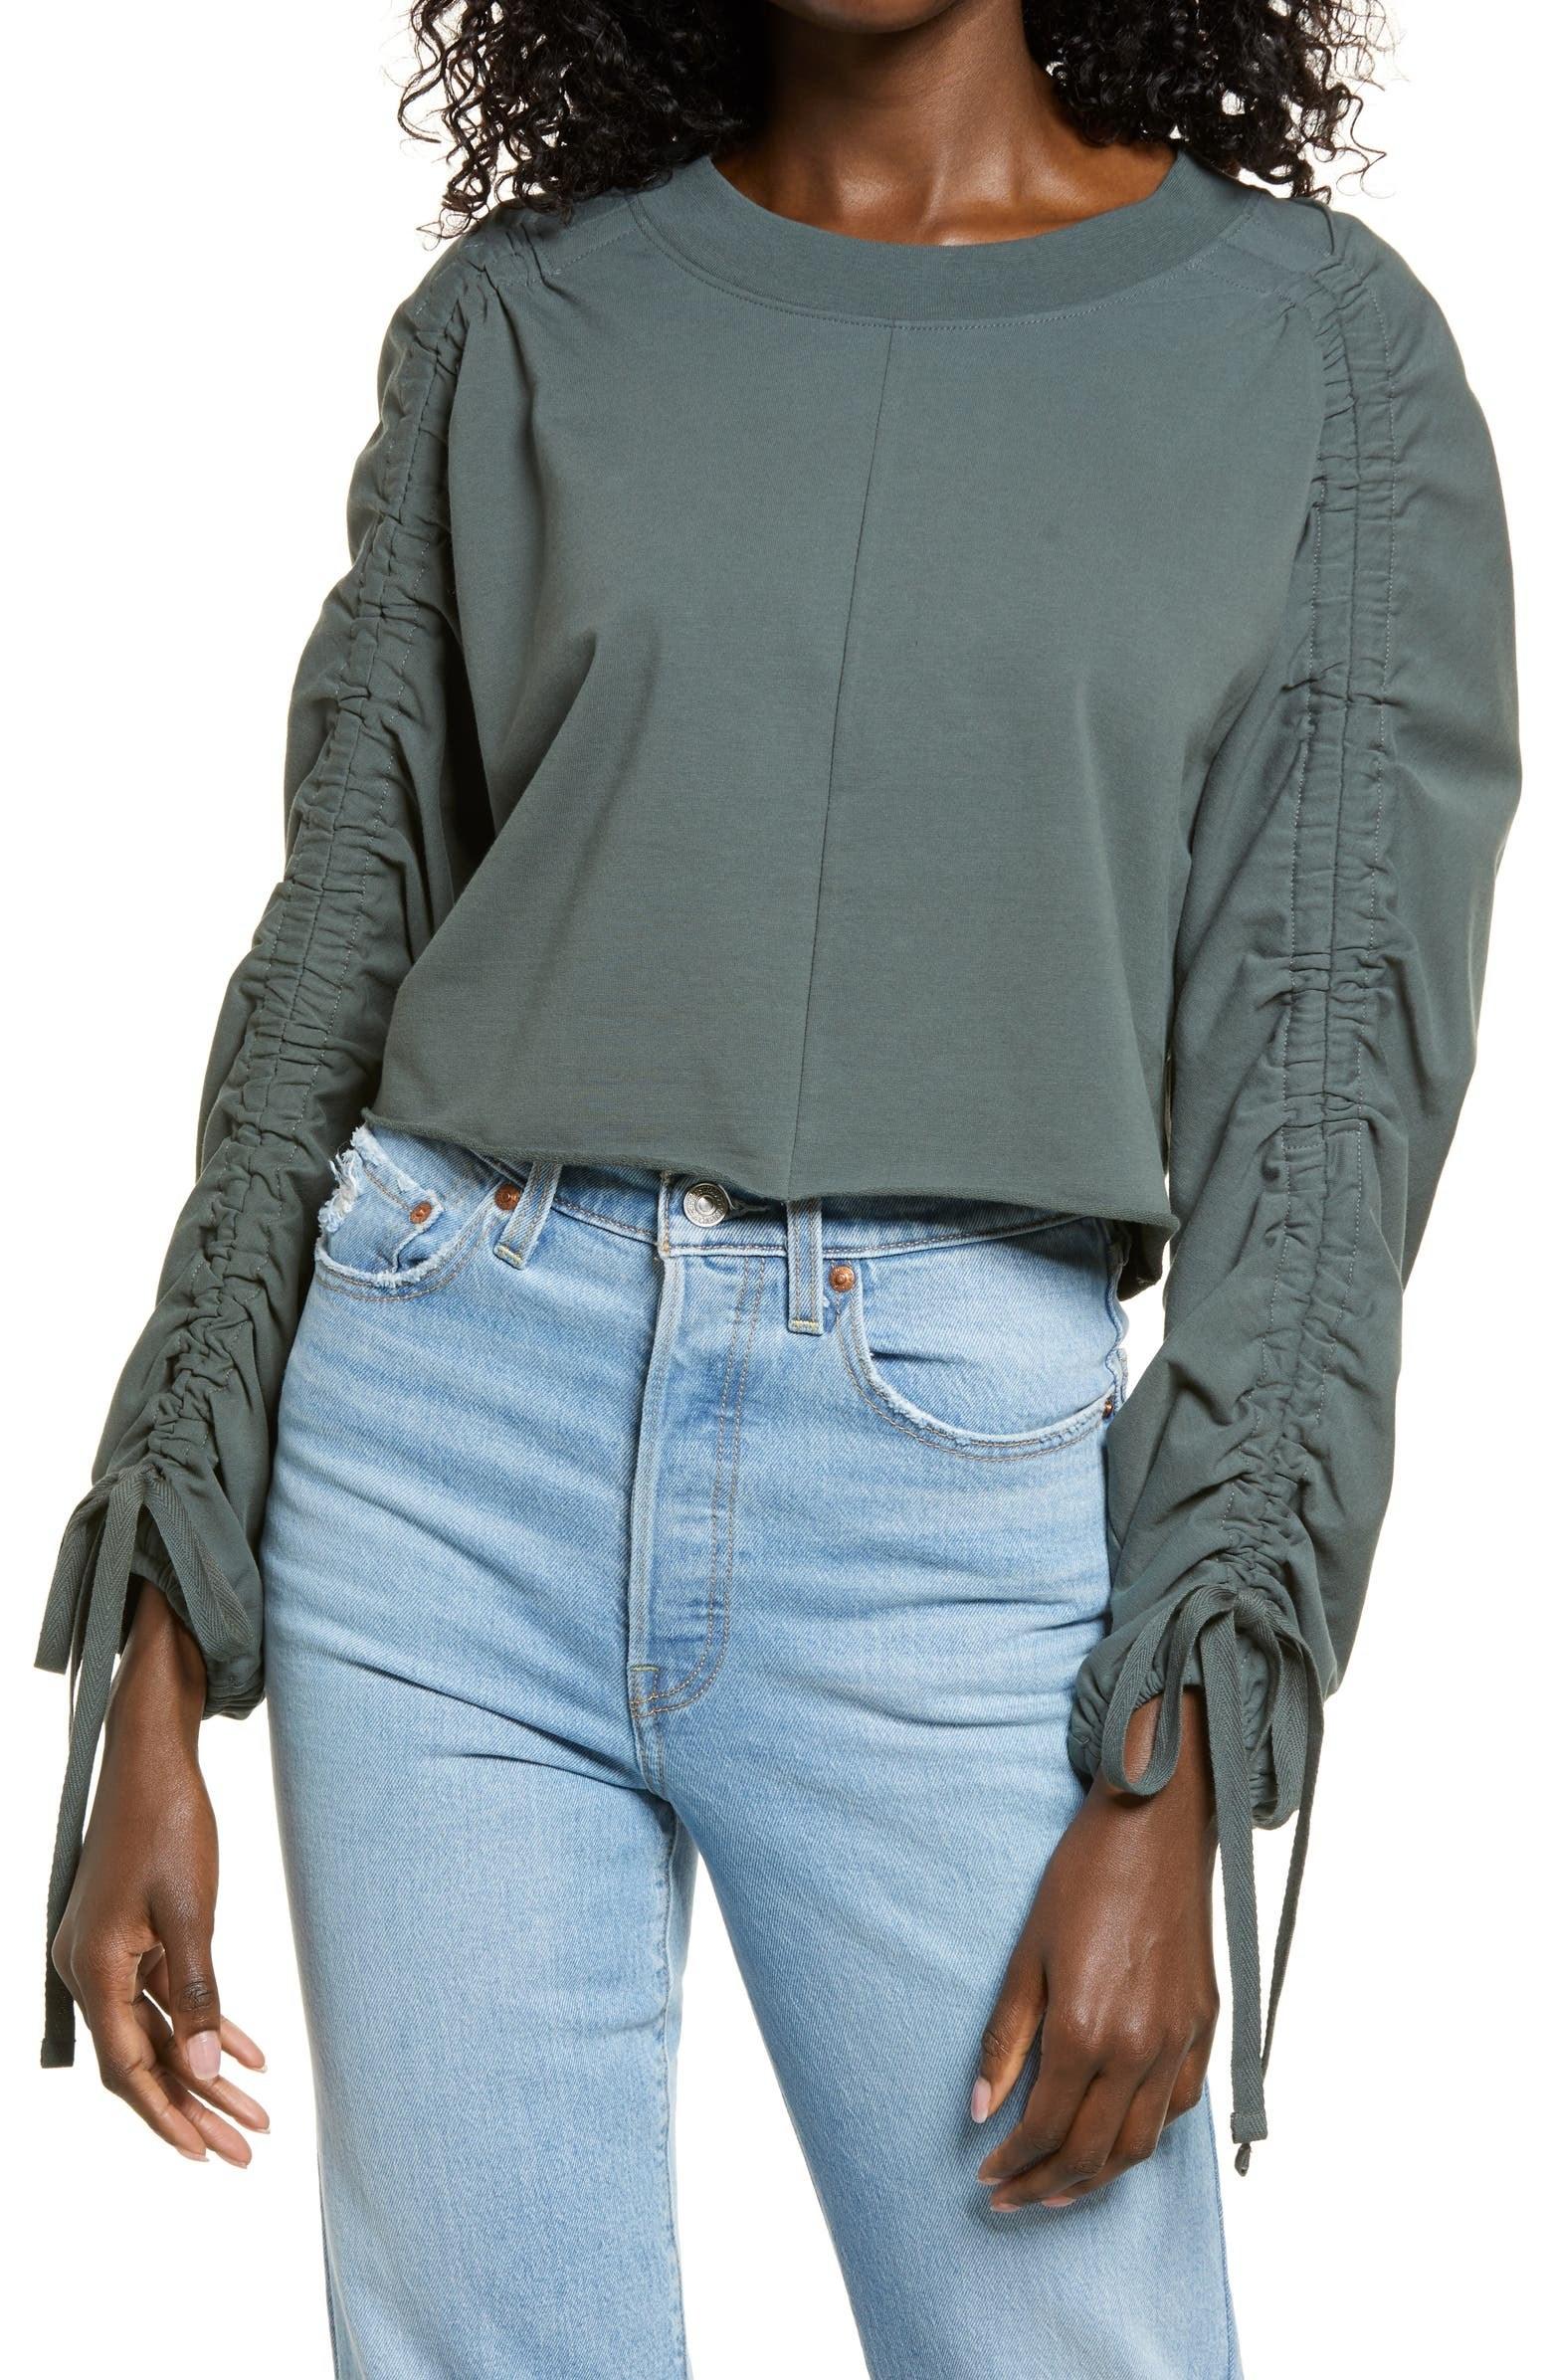 model wearing the sweatshirt in green